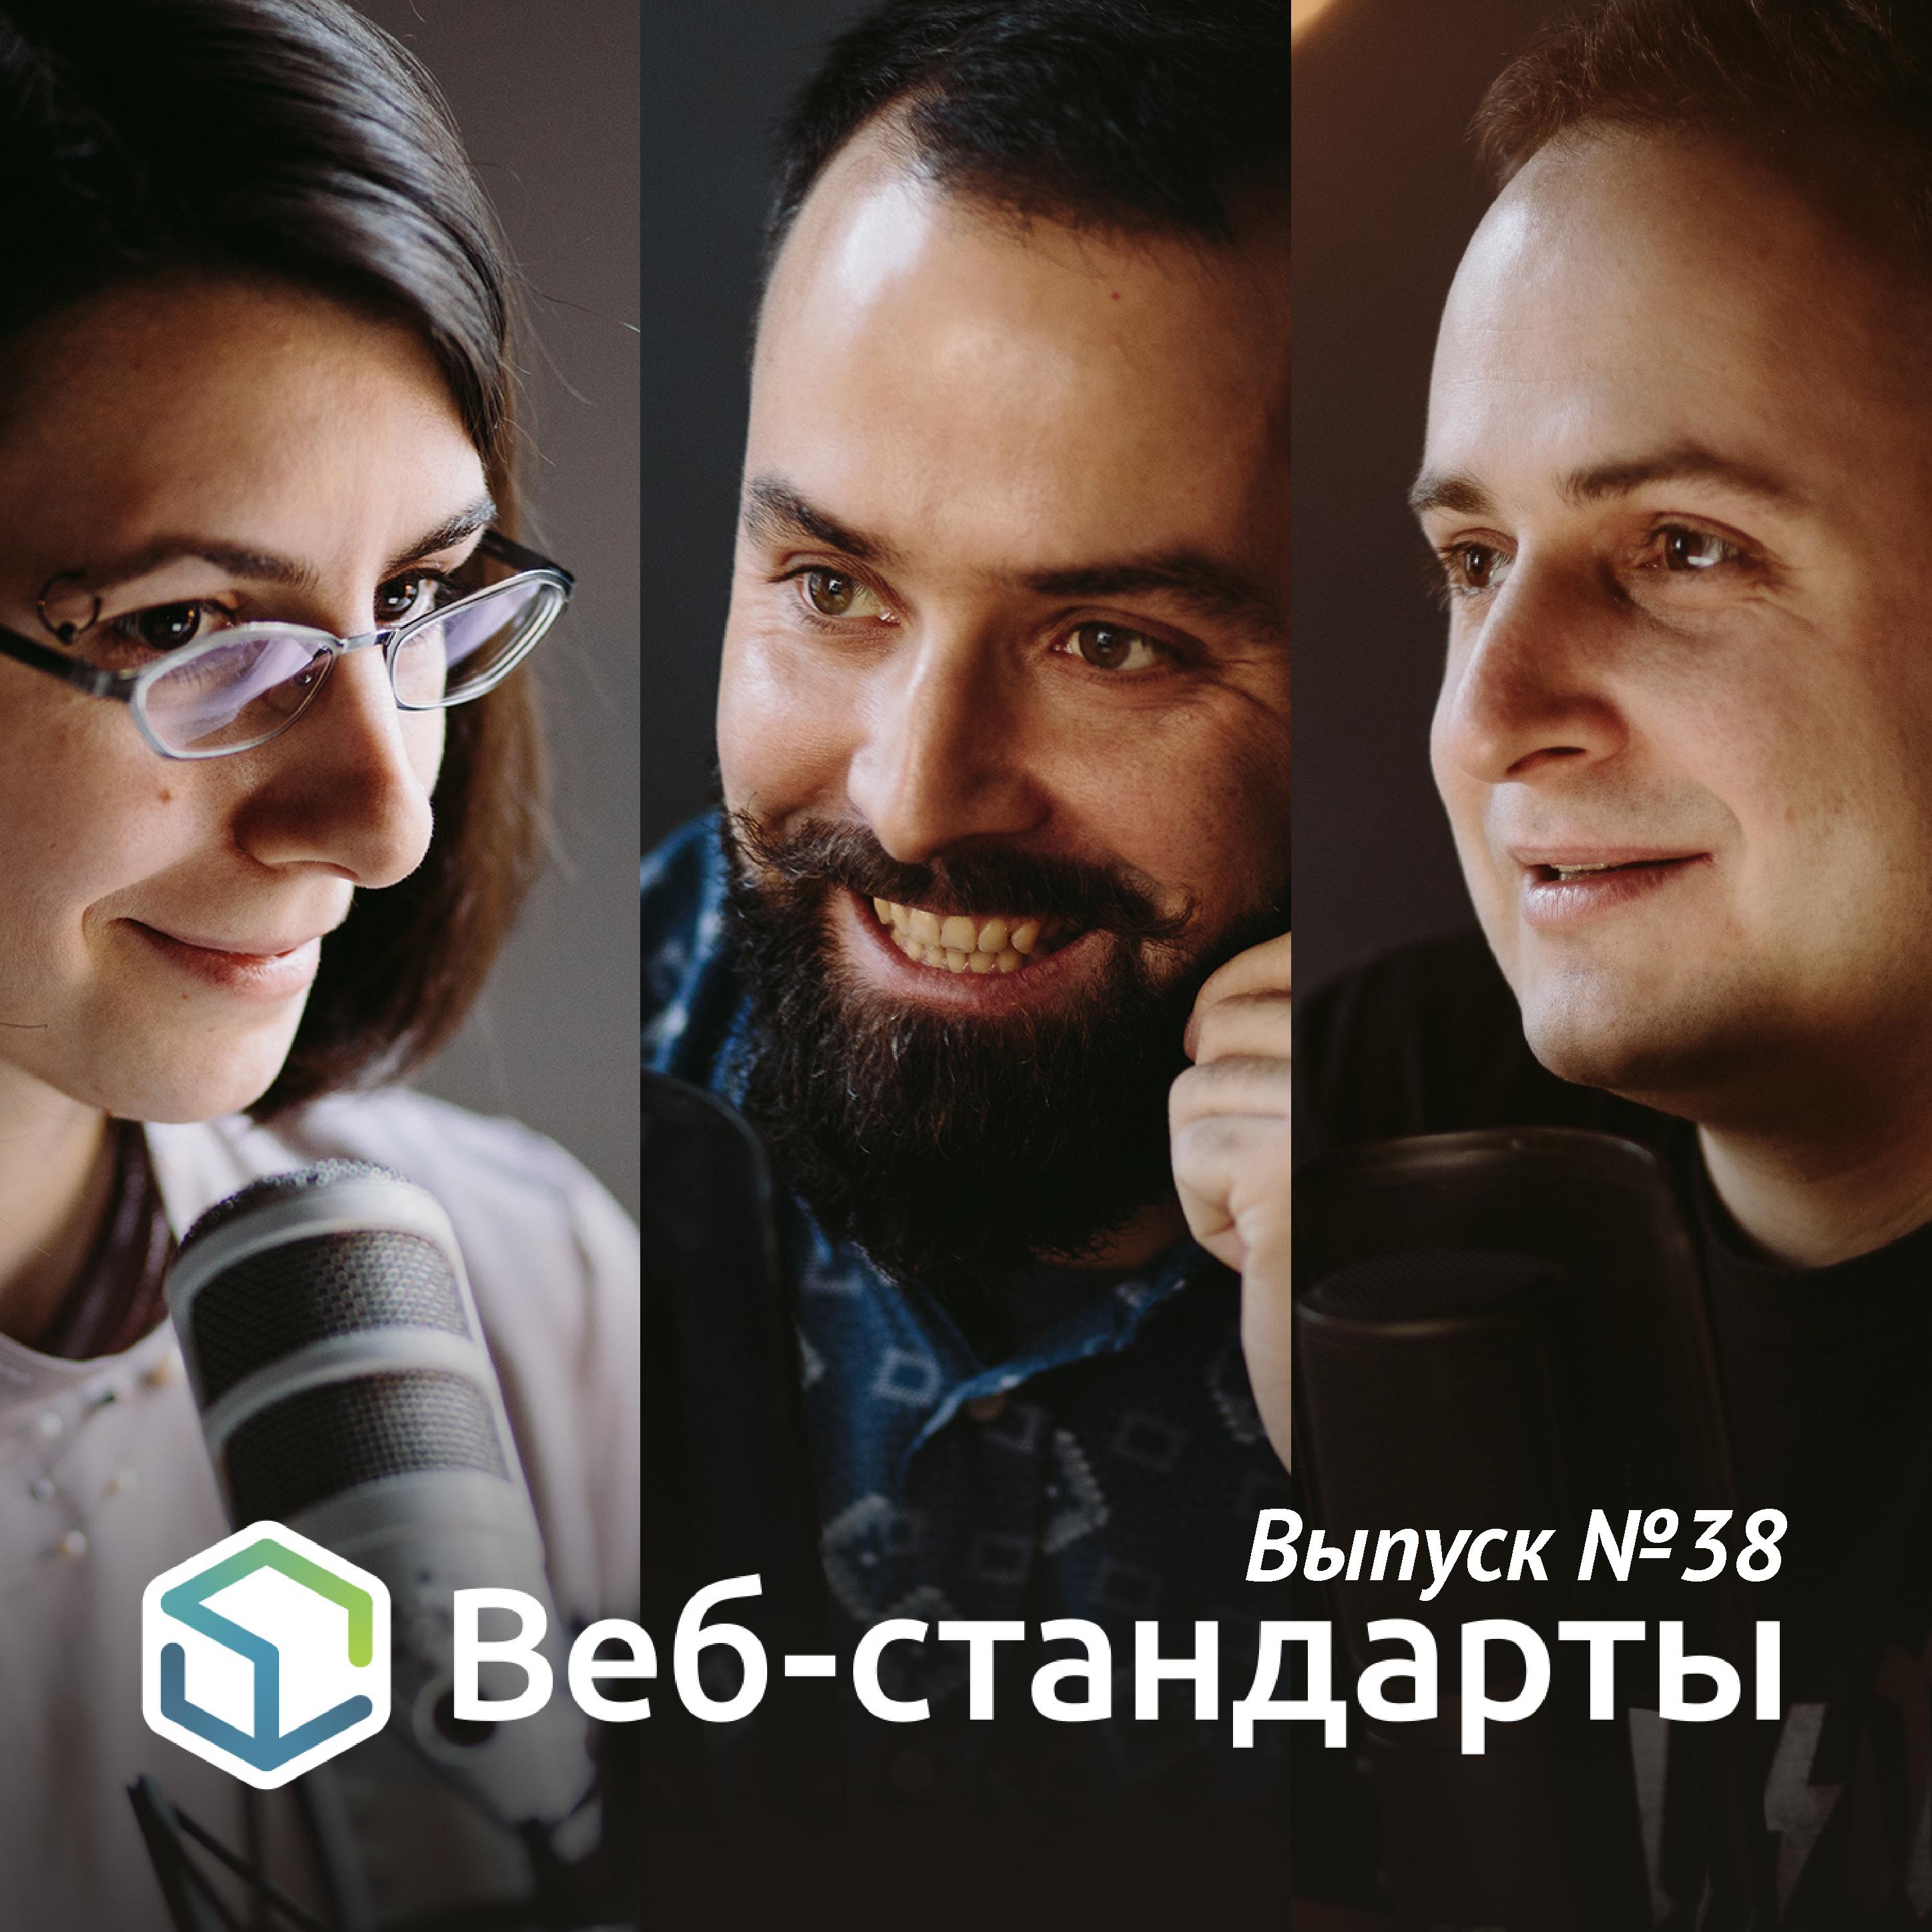 Алексей Симоненко Выпуск №38 алексей симоненко выпуск 67